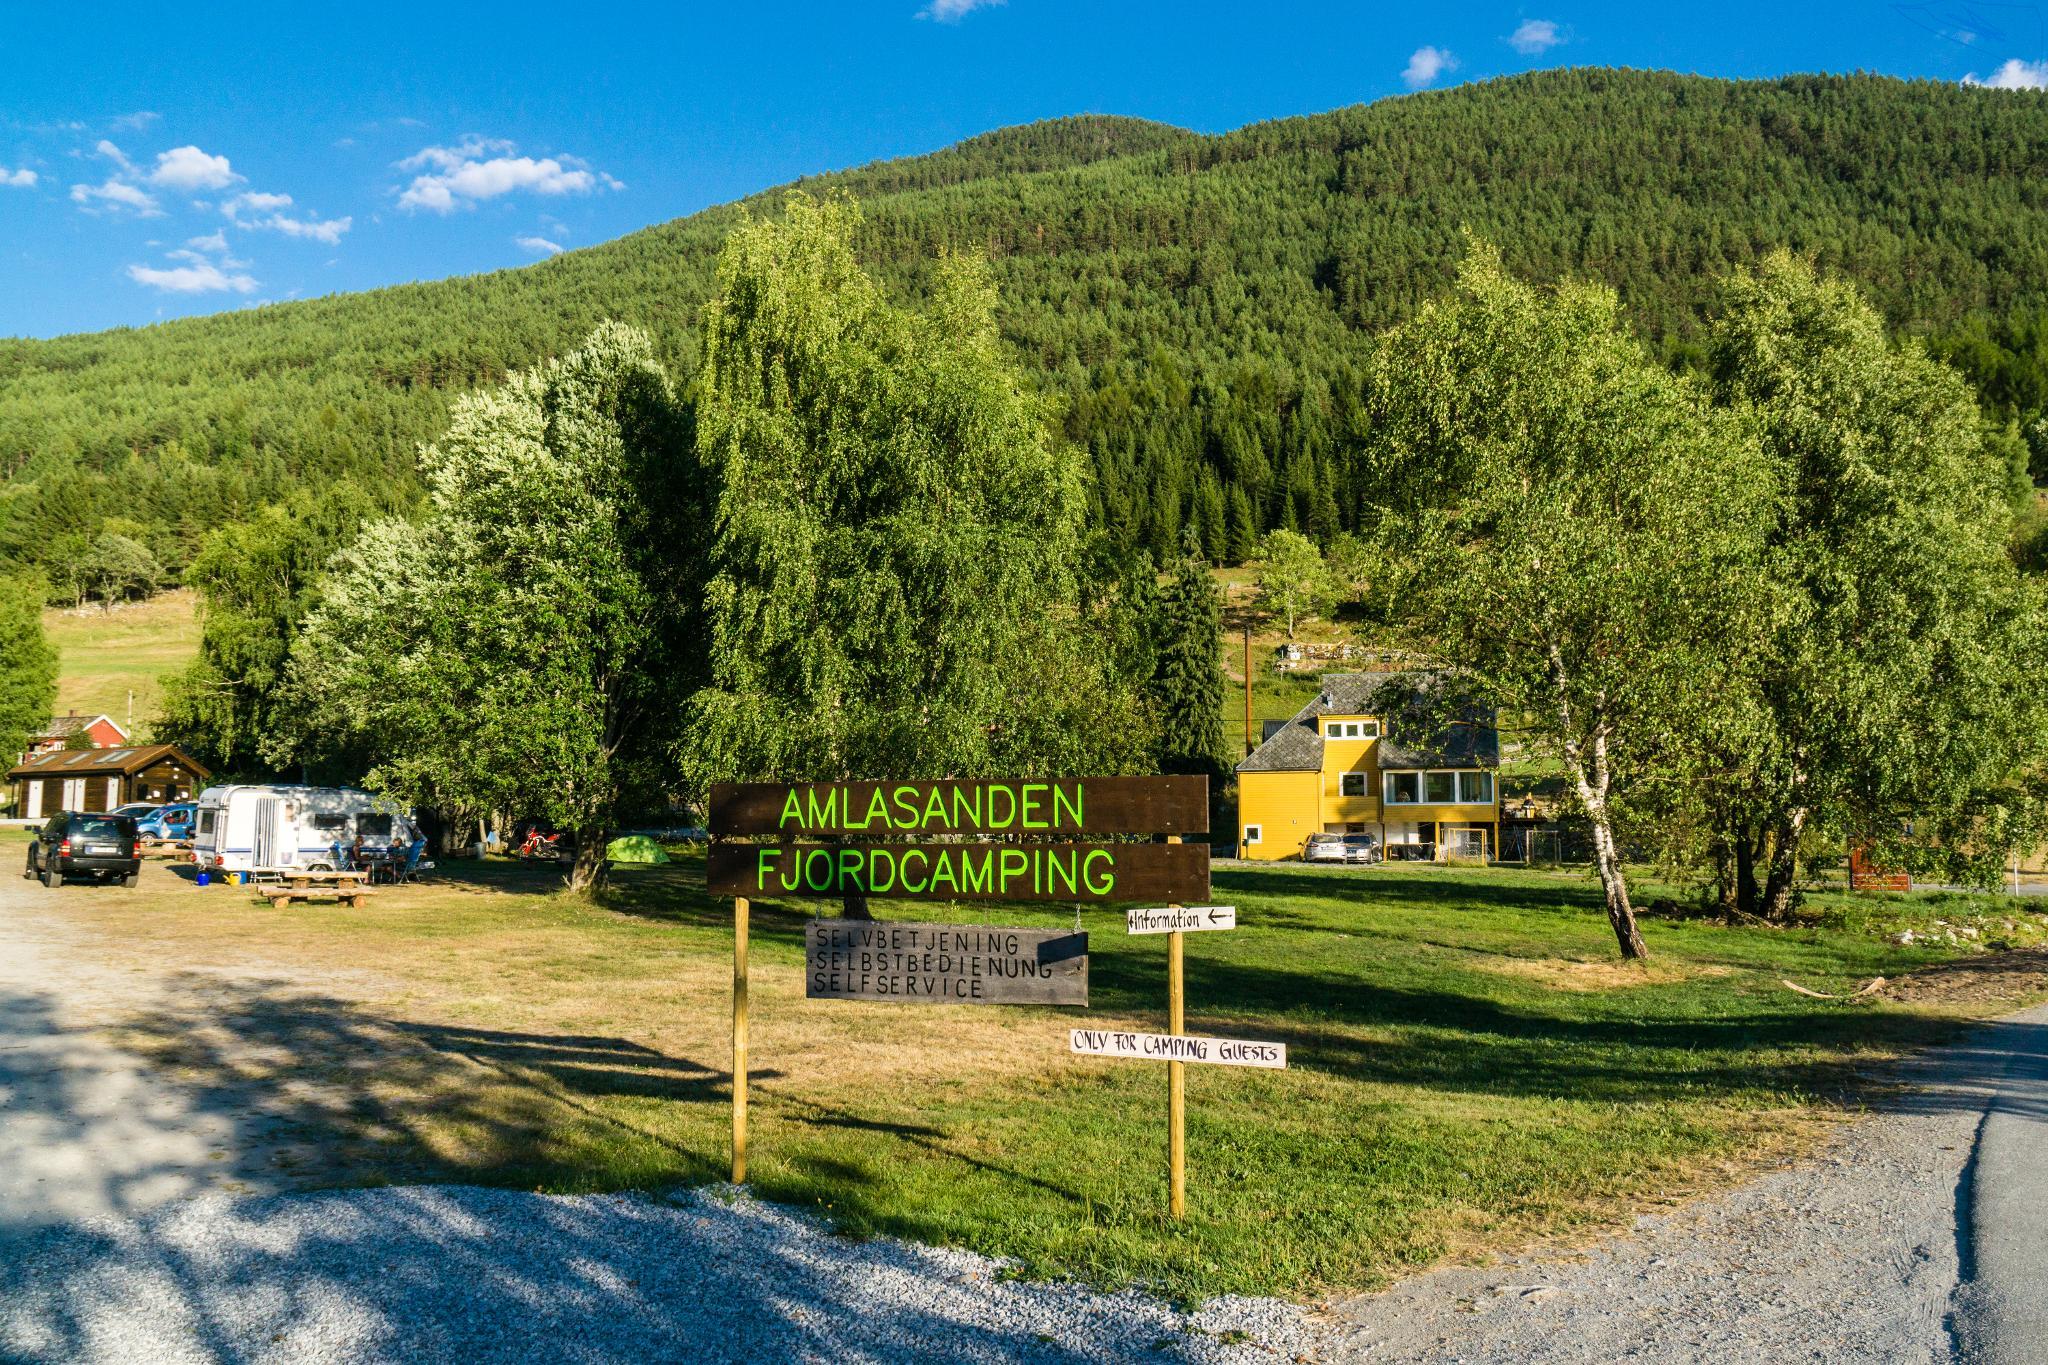 【北歐景點】松恩峽灣的隱藏版絕美景點 - 如詩如畫的Kaupanger小鎮 31